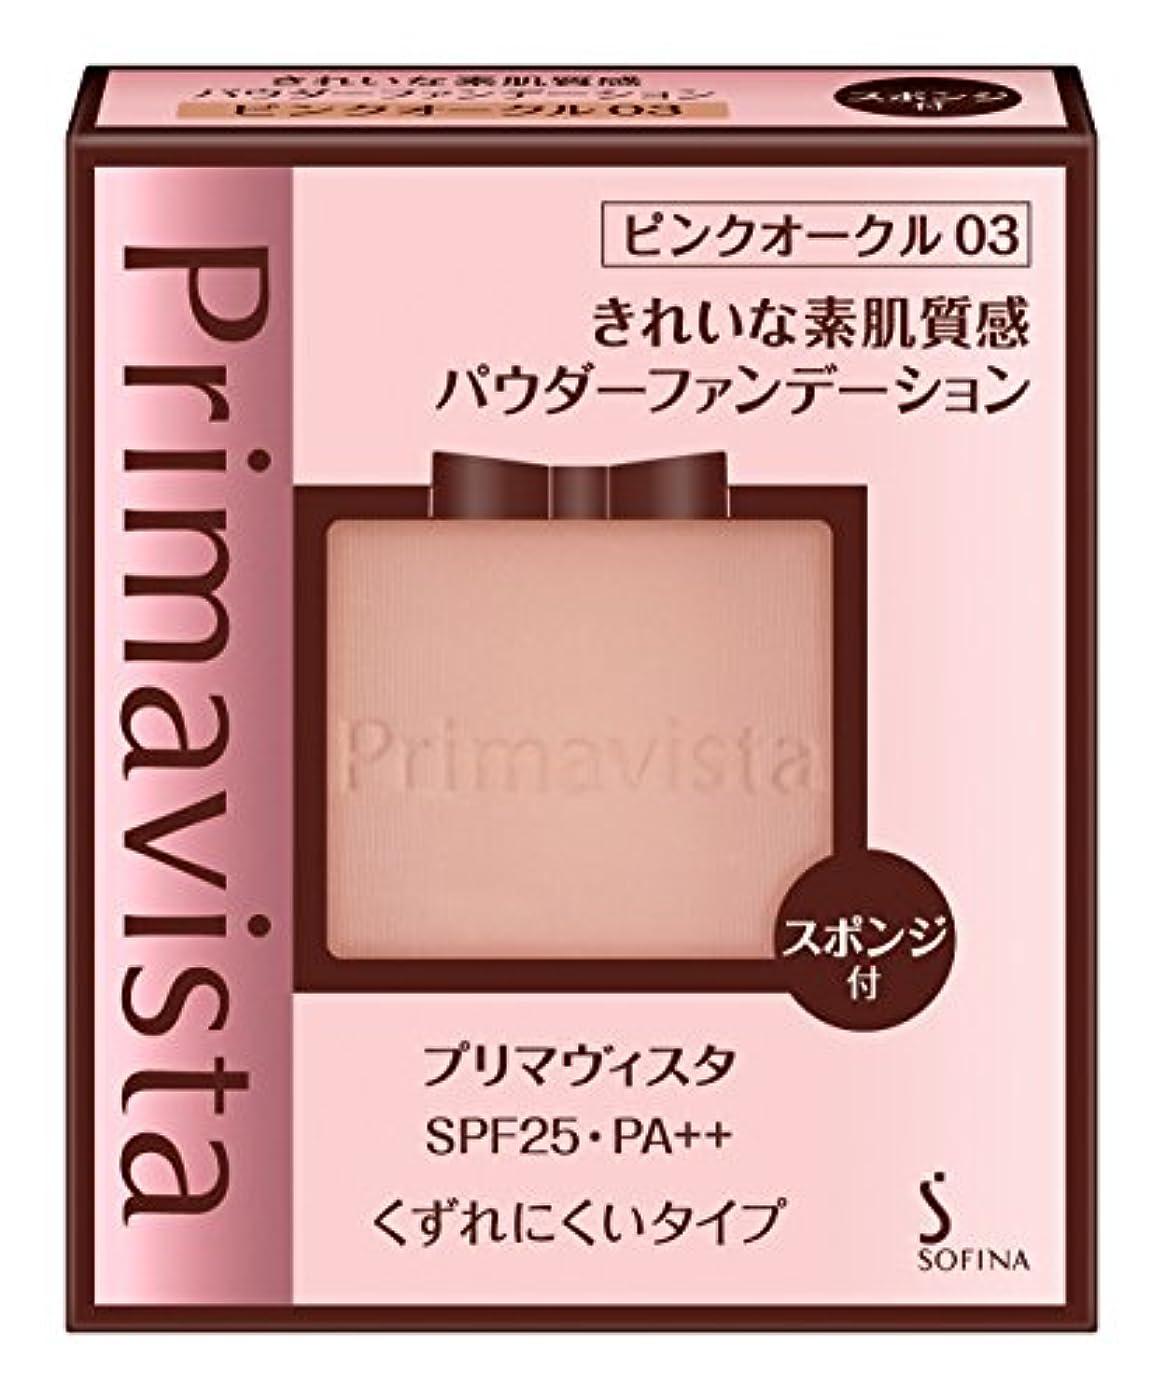 モザイク静かな共産主義者プリマヴィスタ きれいな素肌質感パウダーファンデーション ピンクオークル03 SPF25 PA++ 9g